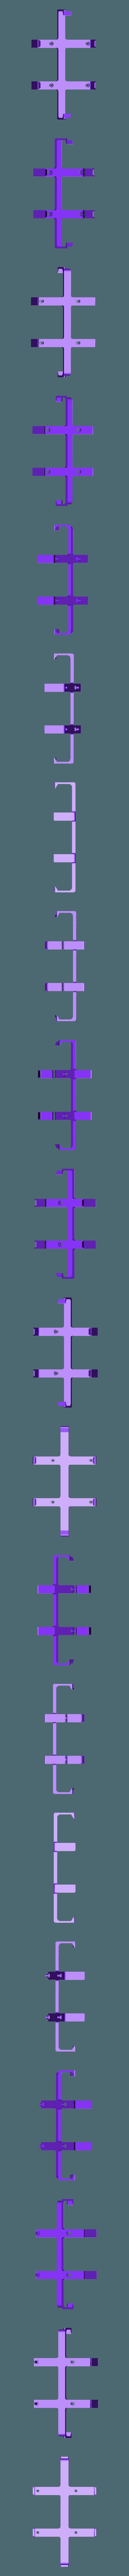 slider-bat-mount.stl Download free STL file CircuitPython Camera Slider • 3D print design, Adafruit